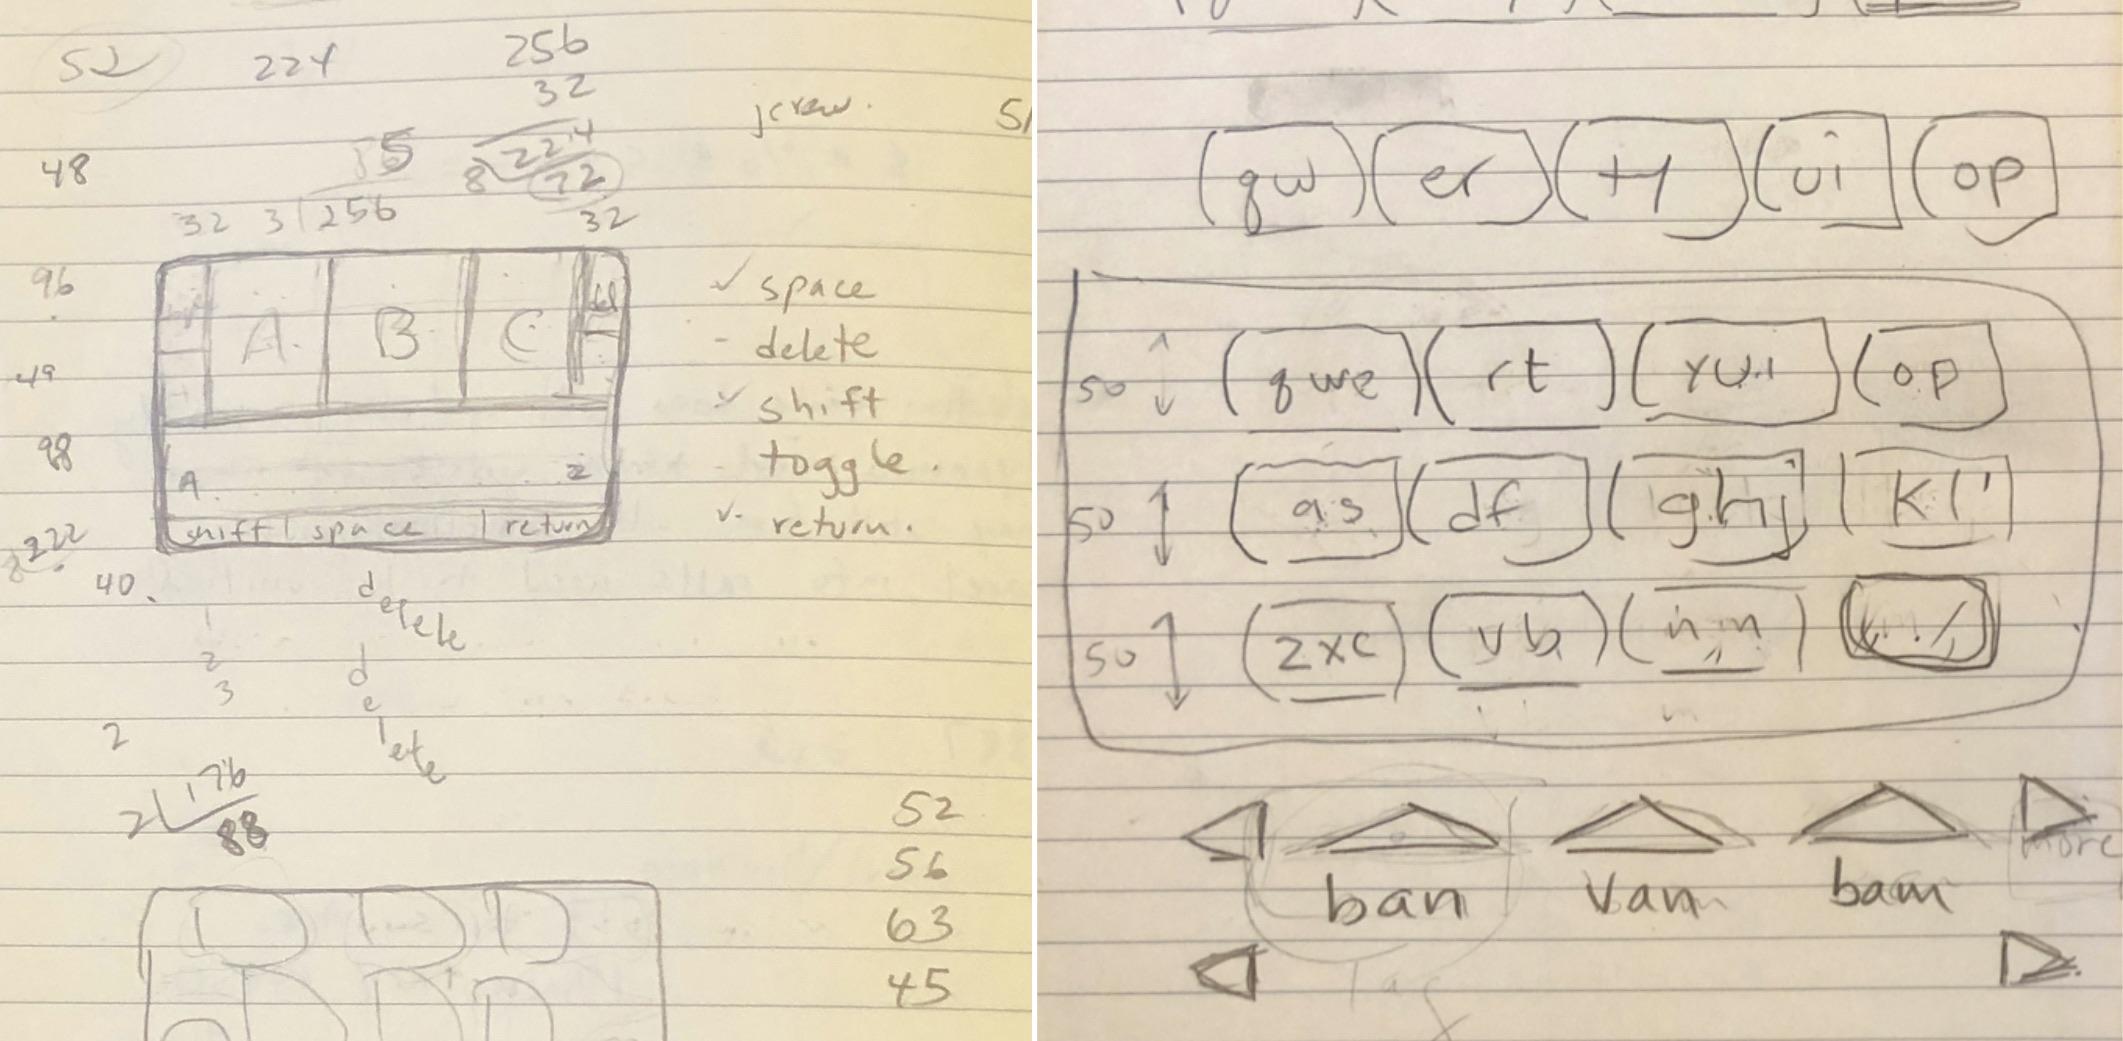 Anotações sobre o teclado do iPhone